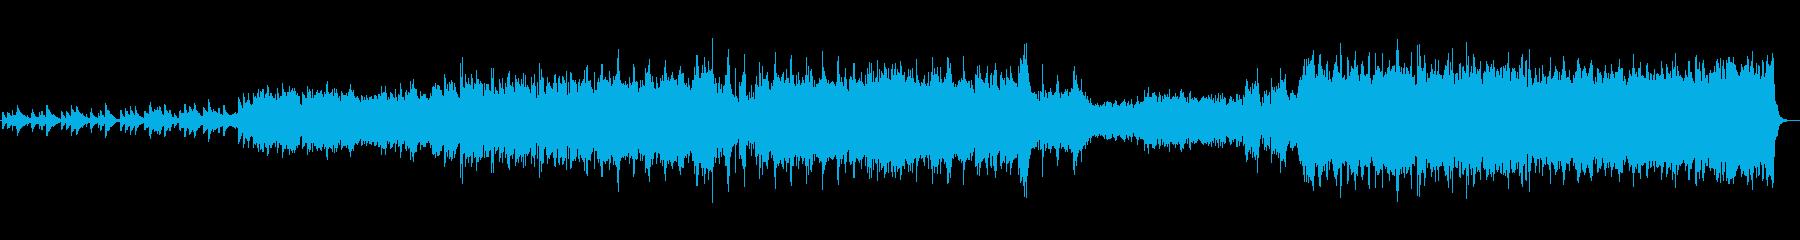 少し激しめなアコースティックサウンドの再生済みの波形